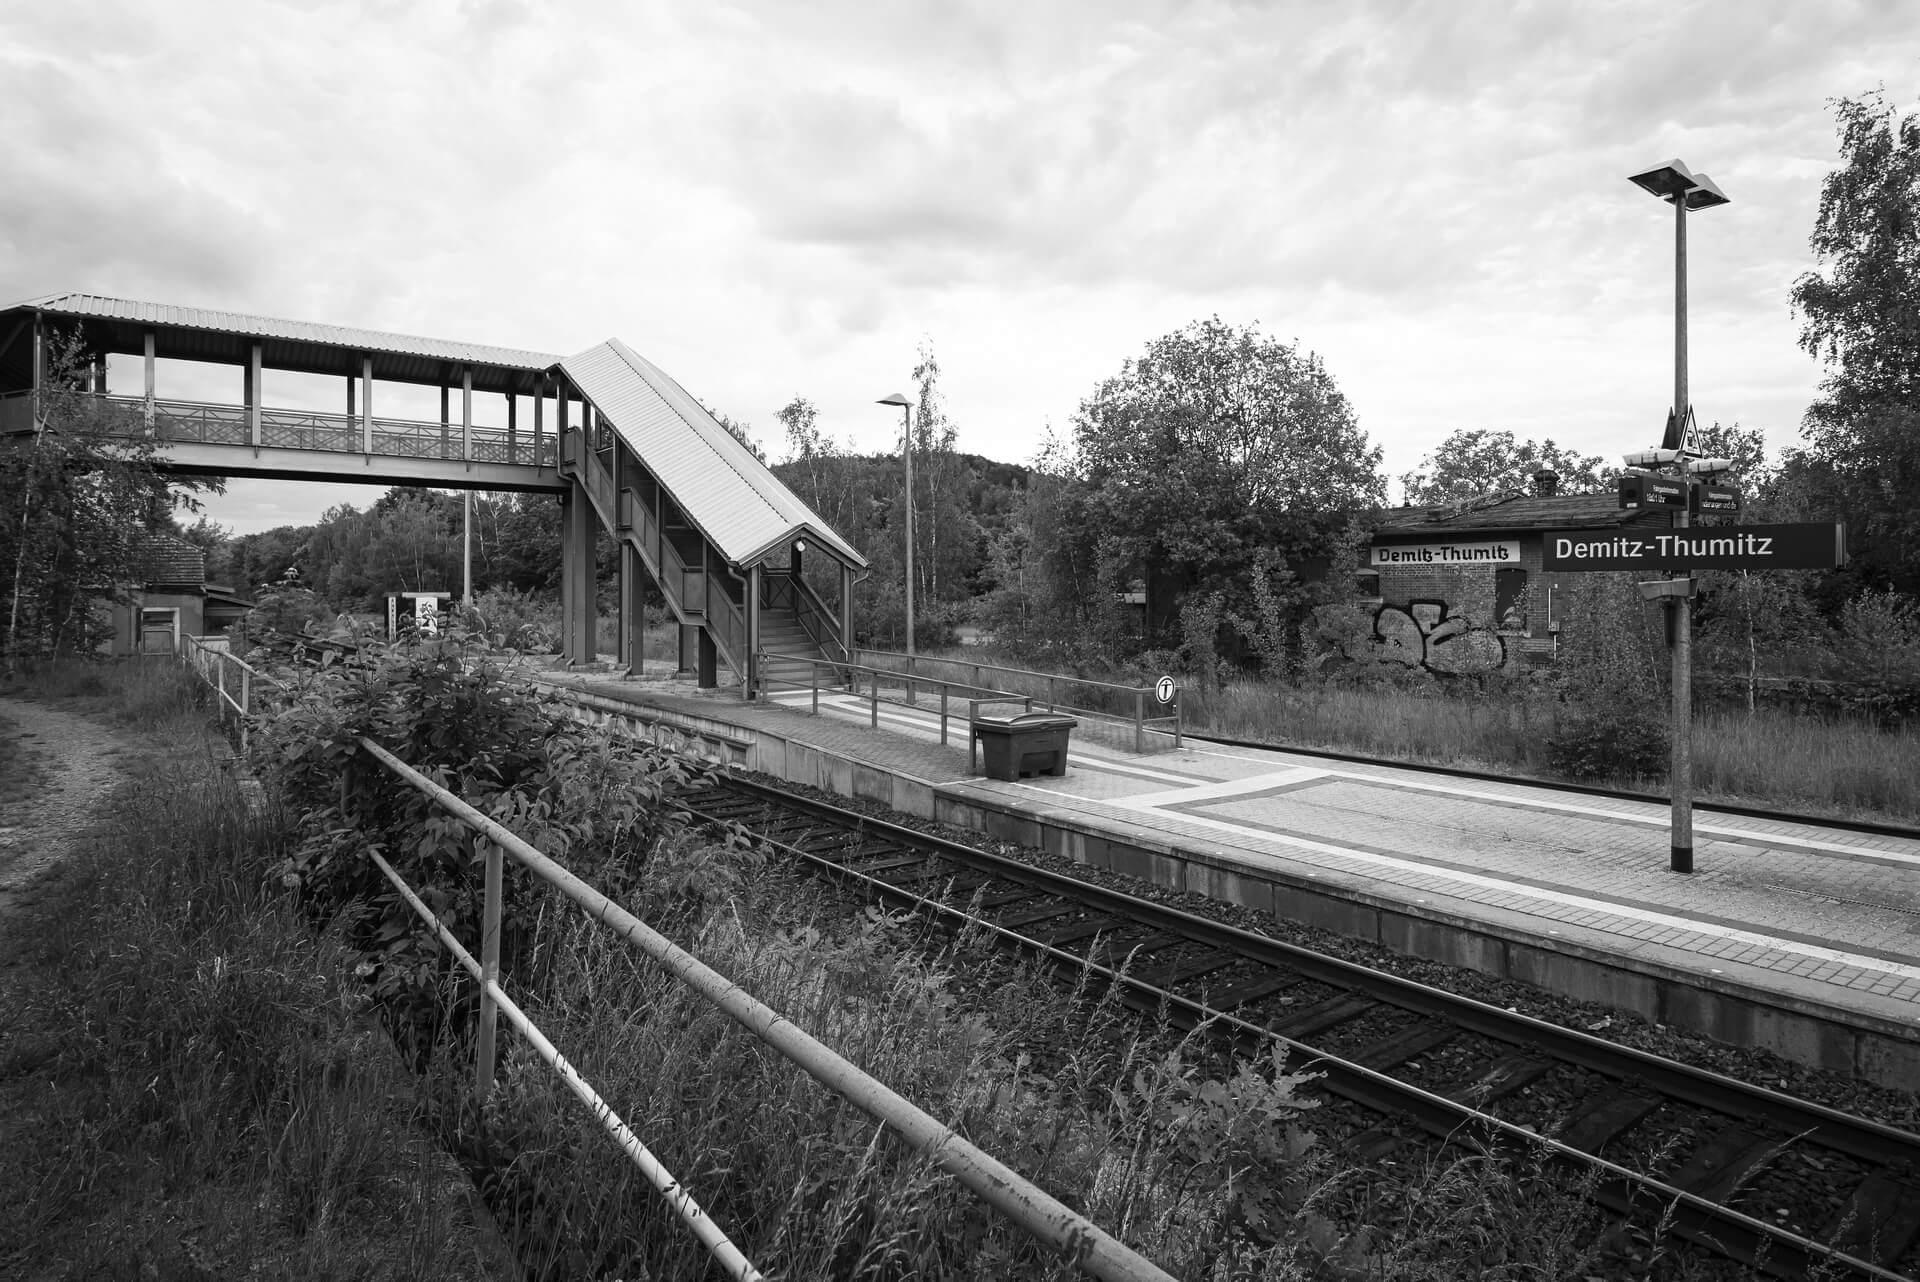 Demitz-Thumitz, Bahnhof